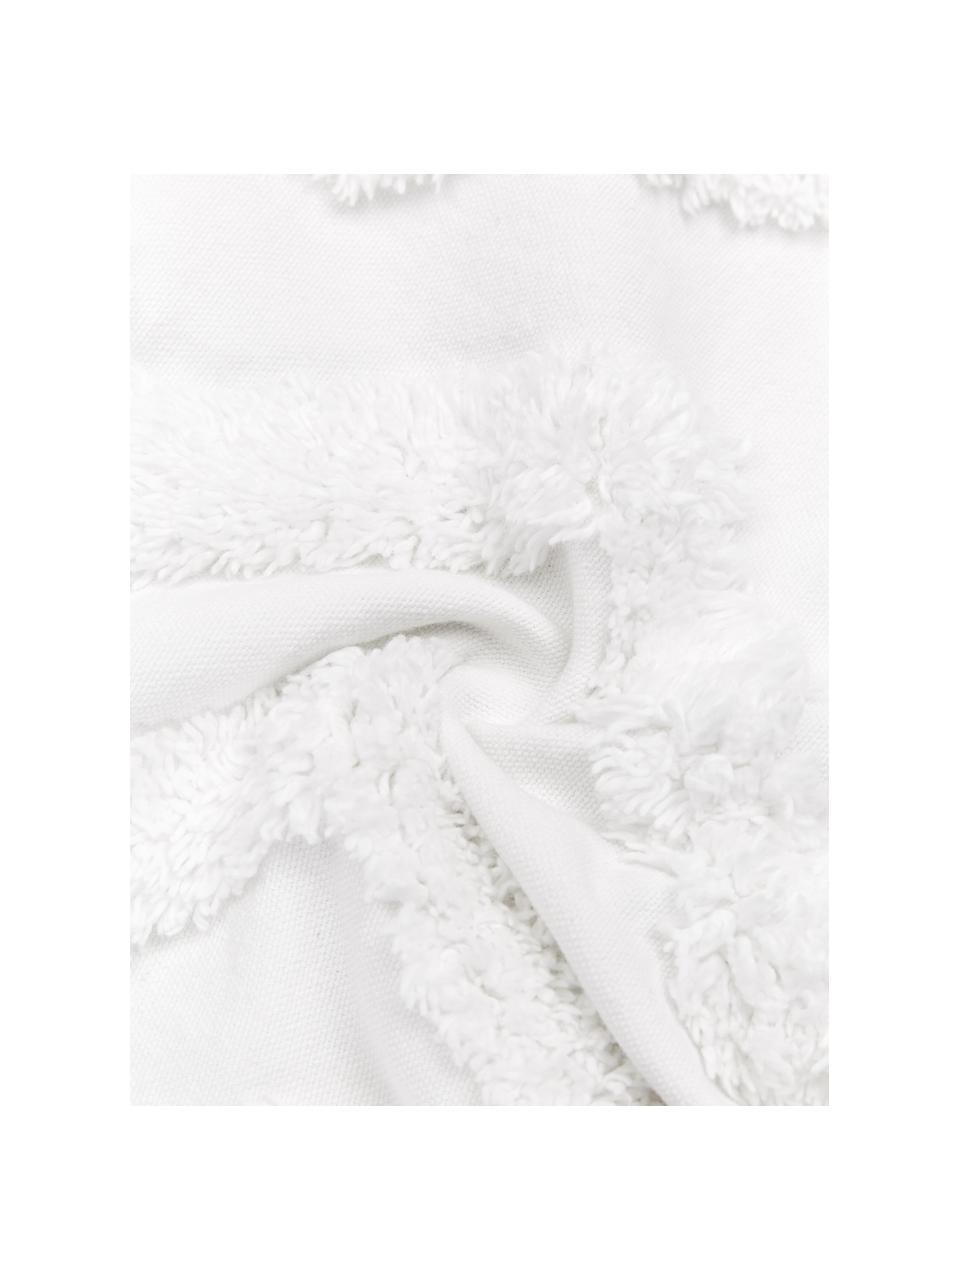 Kissenhülle Zack mit getuftetem Muster, 100% Baumwolle, Weiß, 30 x 50 cm